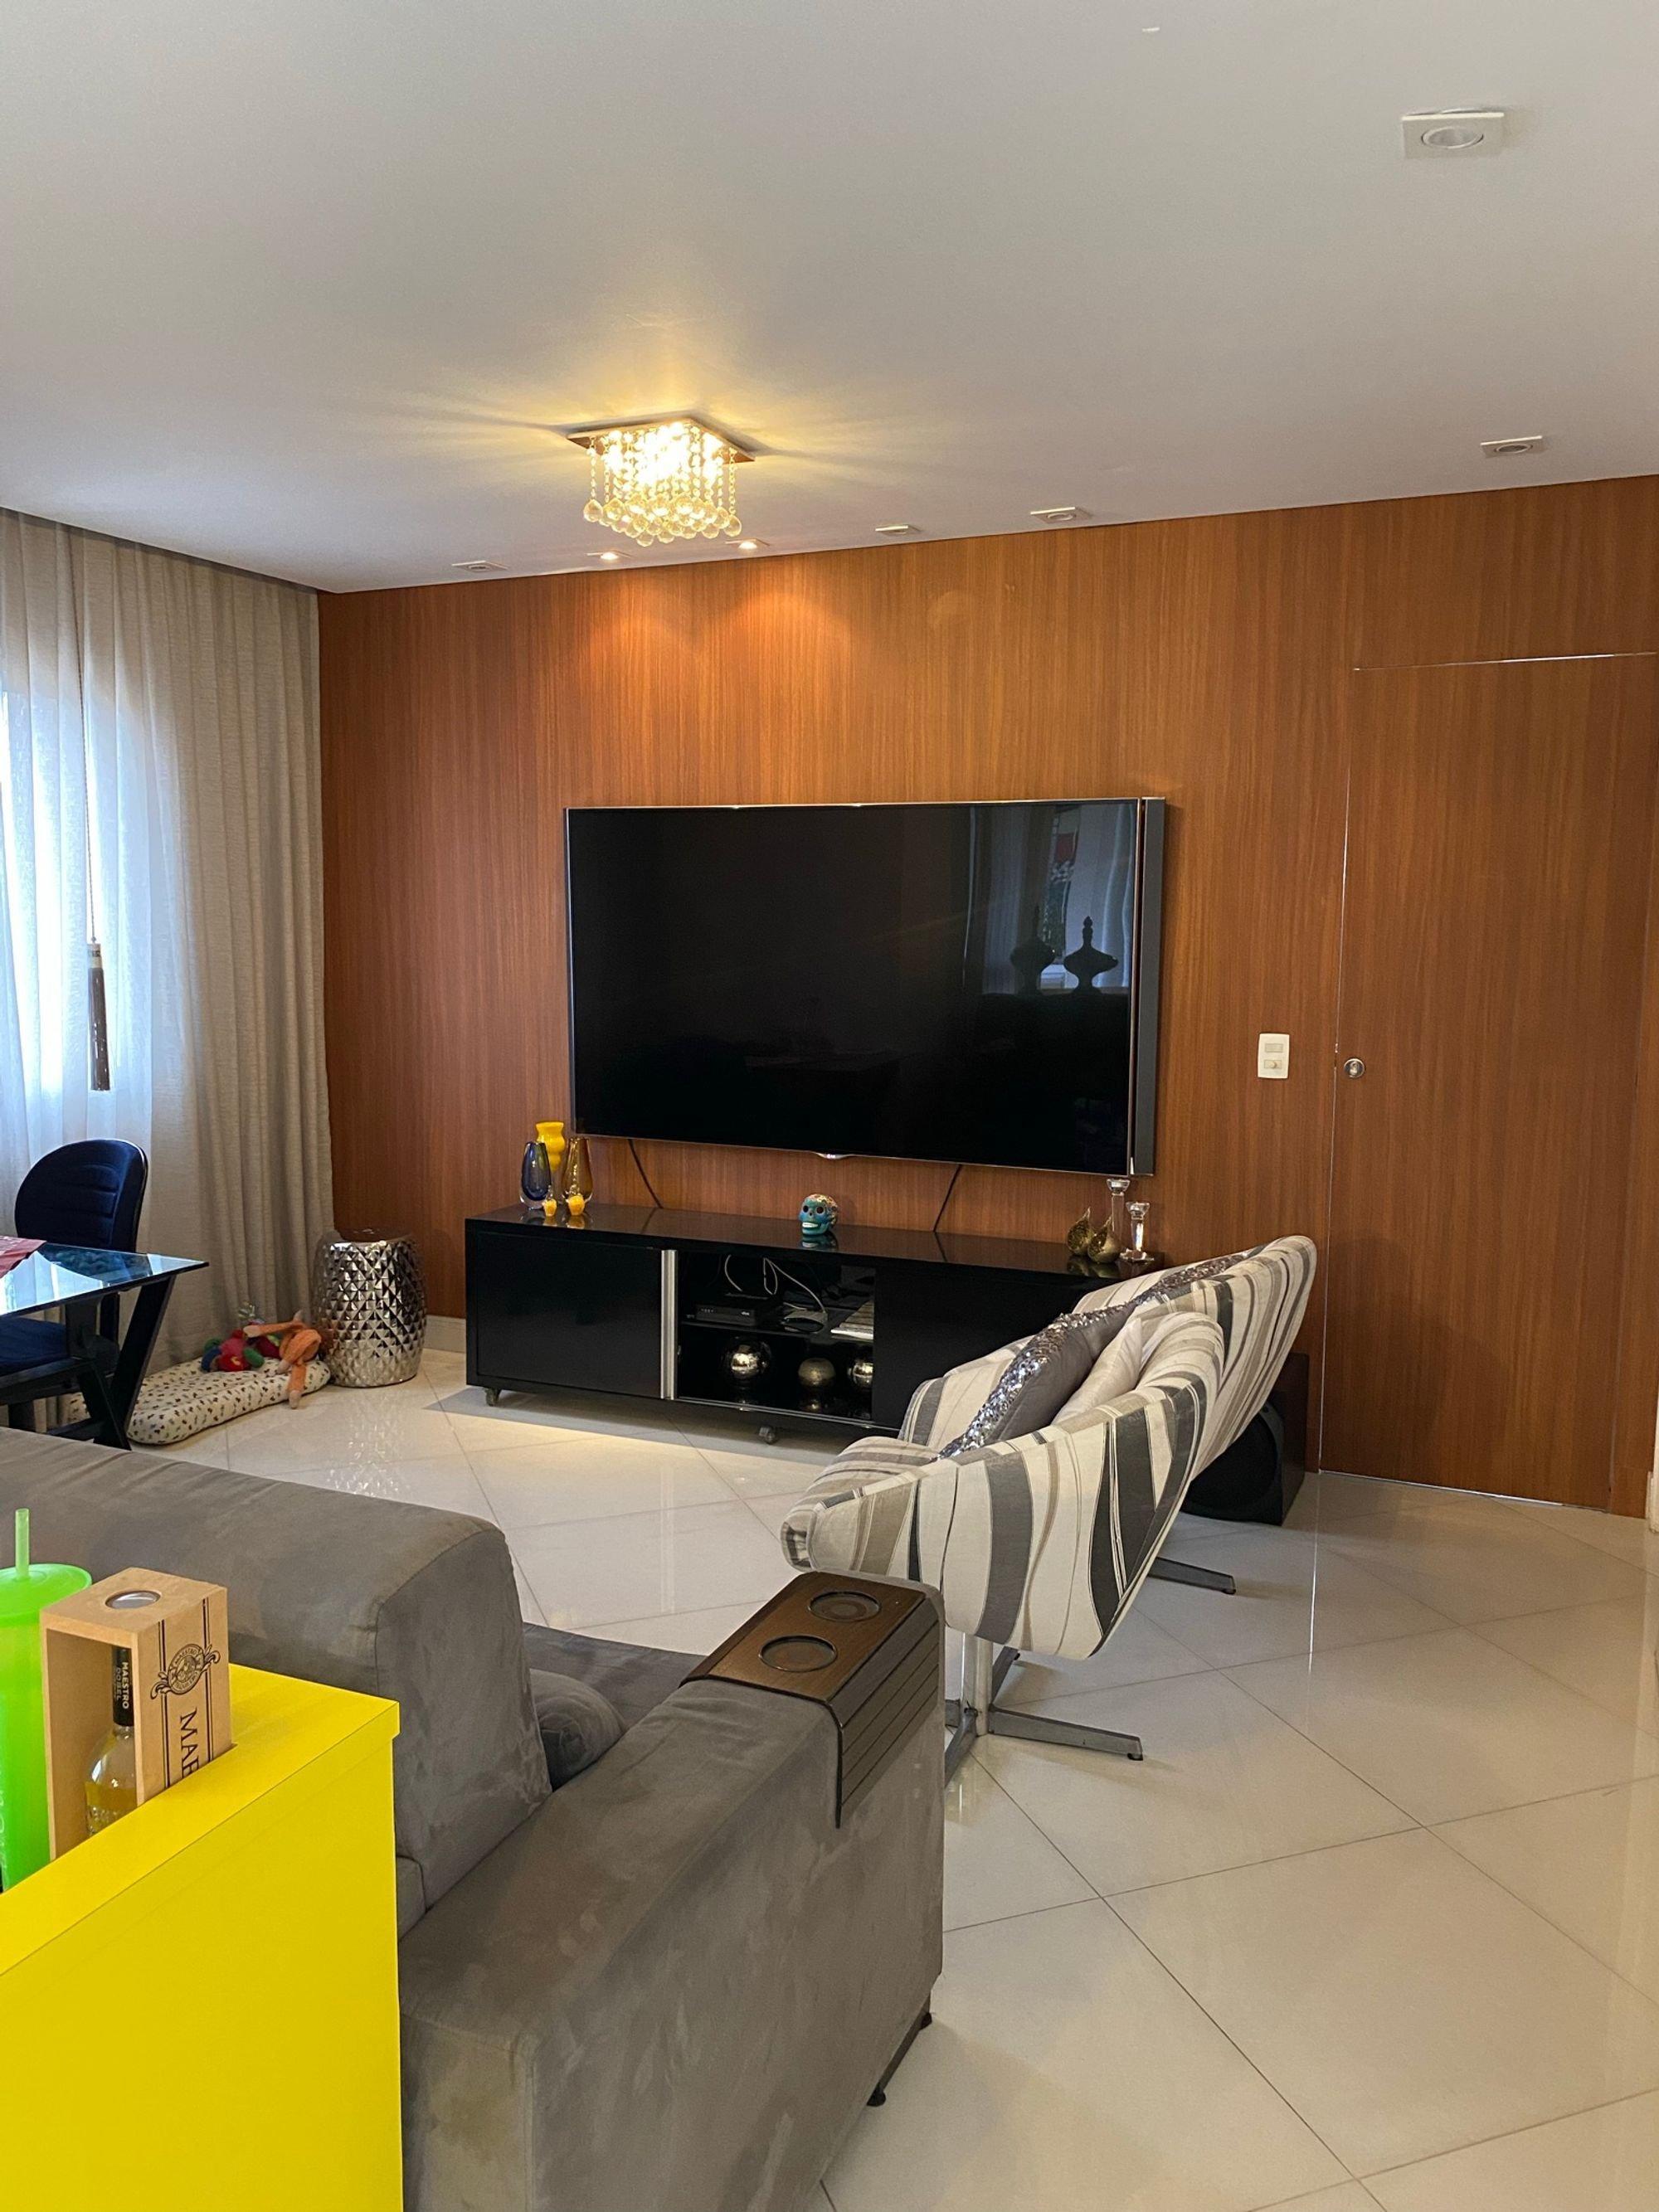 Foto de Sala com sofá, televisão, garrafa, cadeira